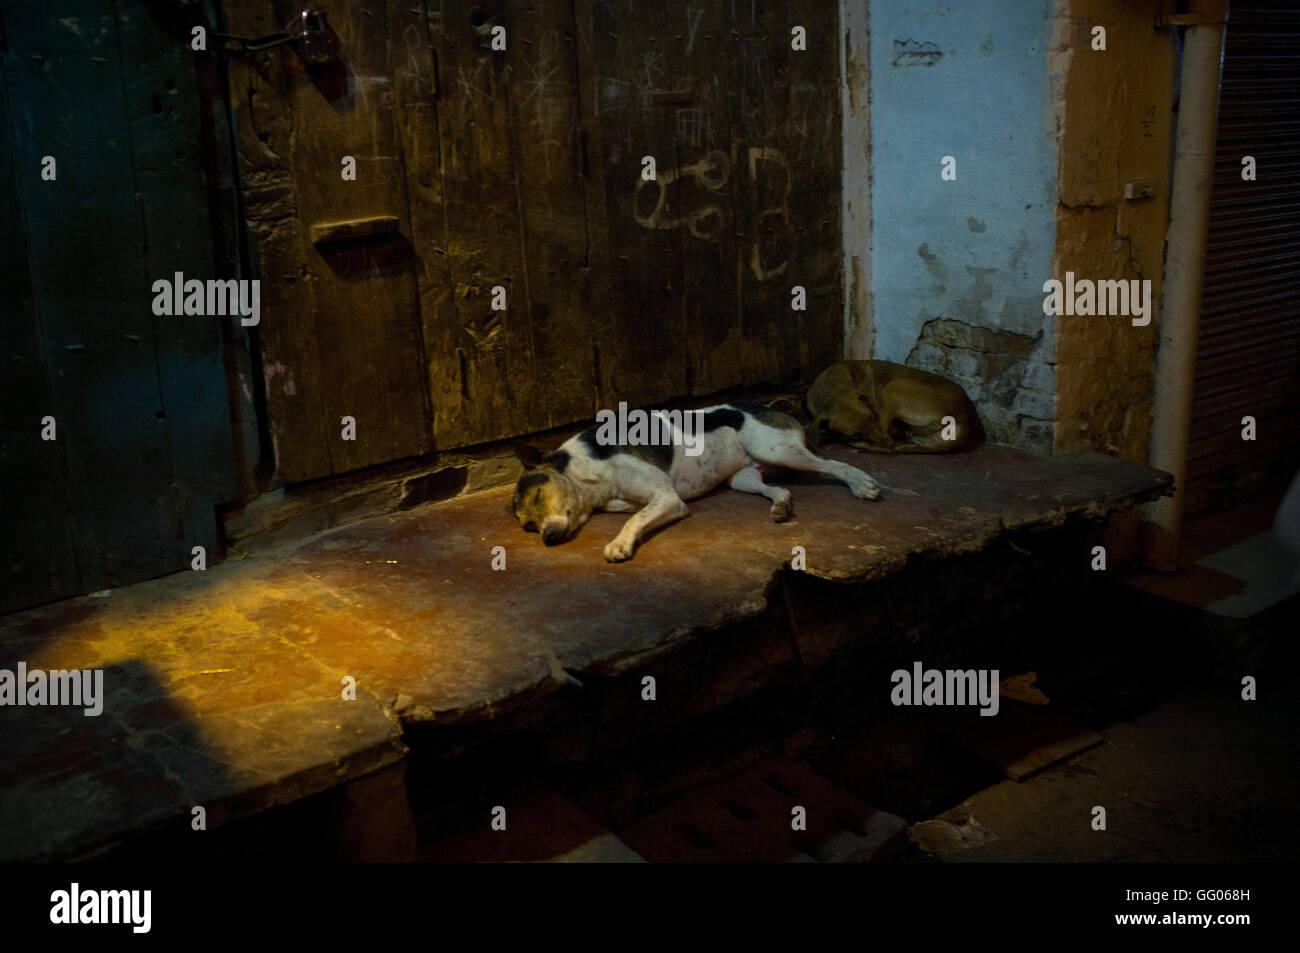 Amritsar, Punjab, en Inde. 12 mai, 2013. L'image de fichier - Les chiens dormir dans une ruelle d'Amritsar, en Inde. Banque D'Images